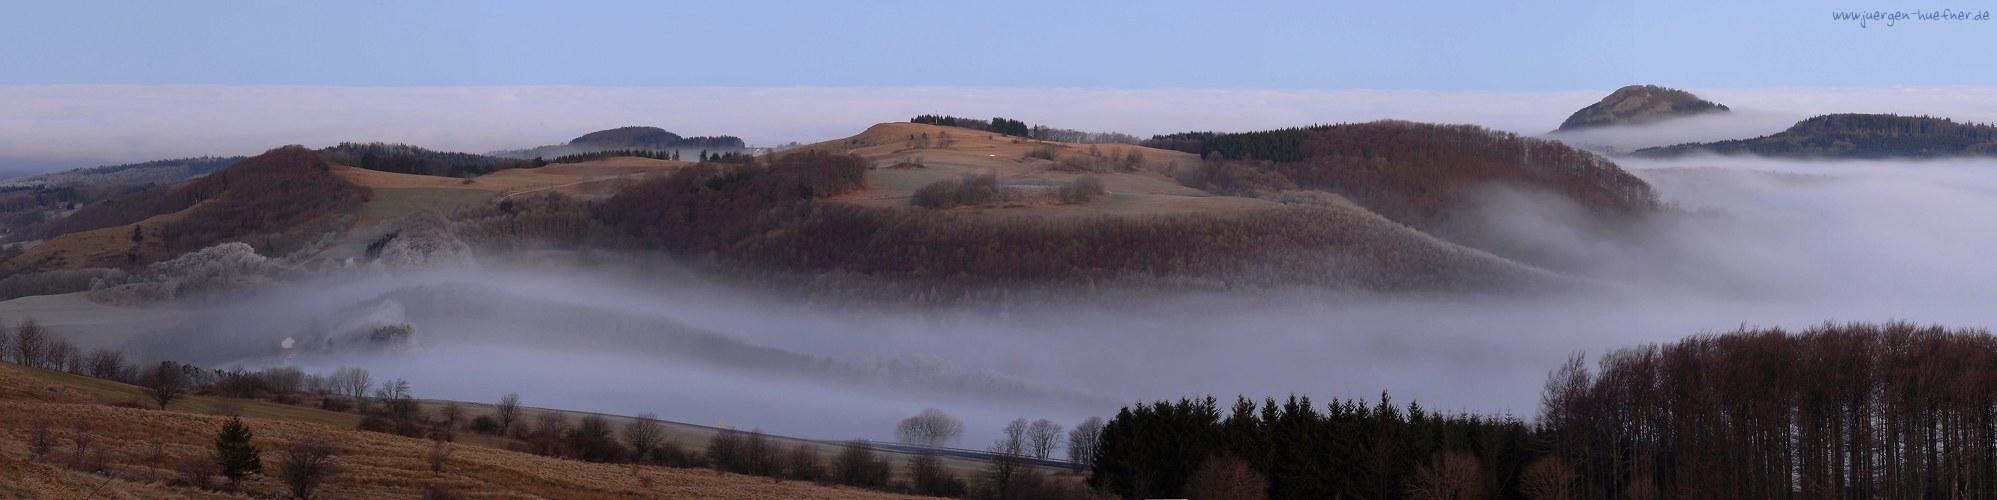 Weihersberg - Milseburg - Panorama